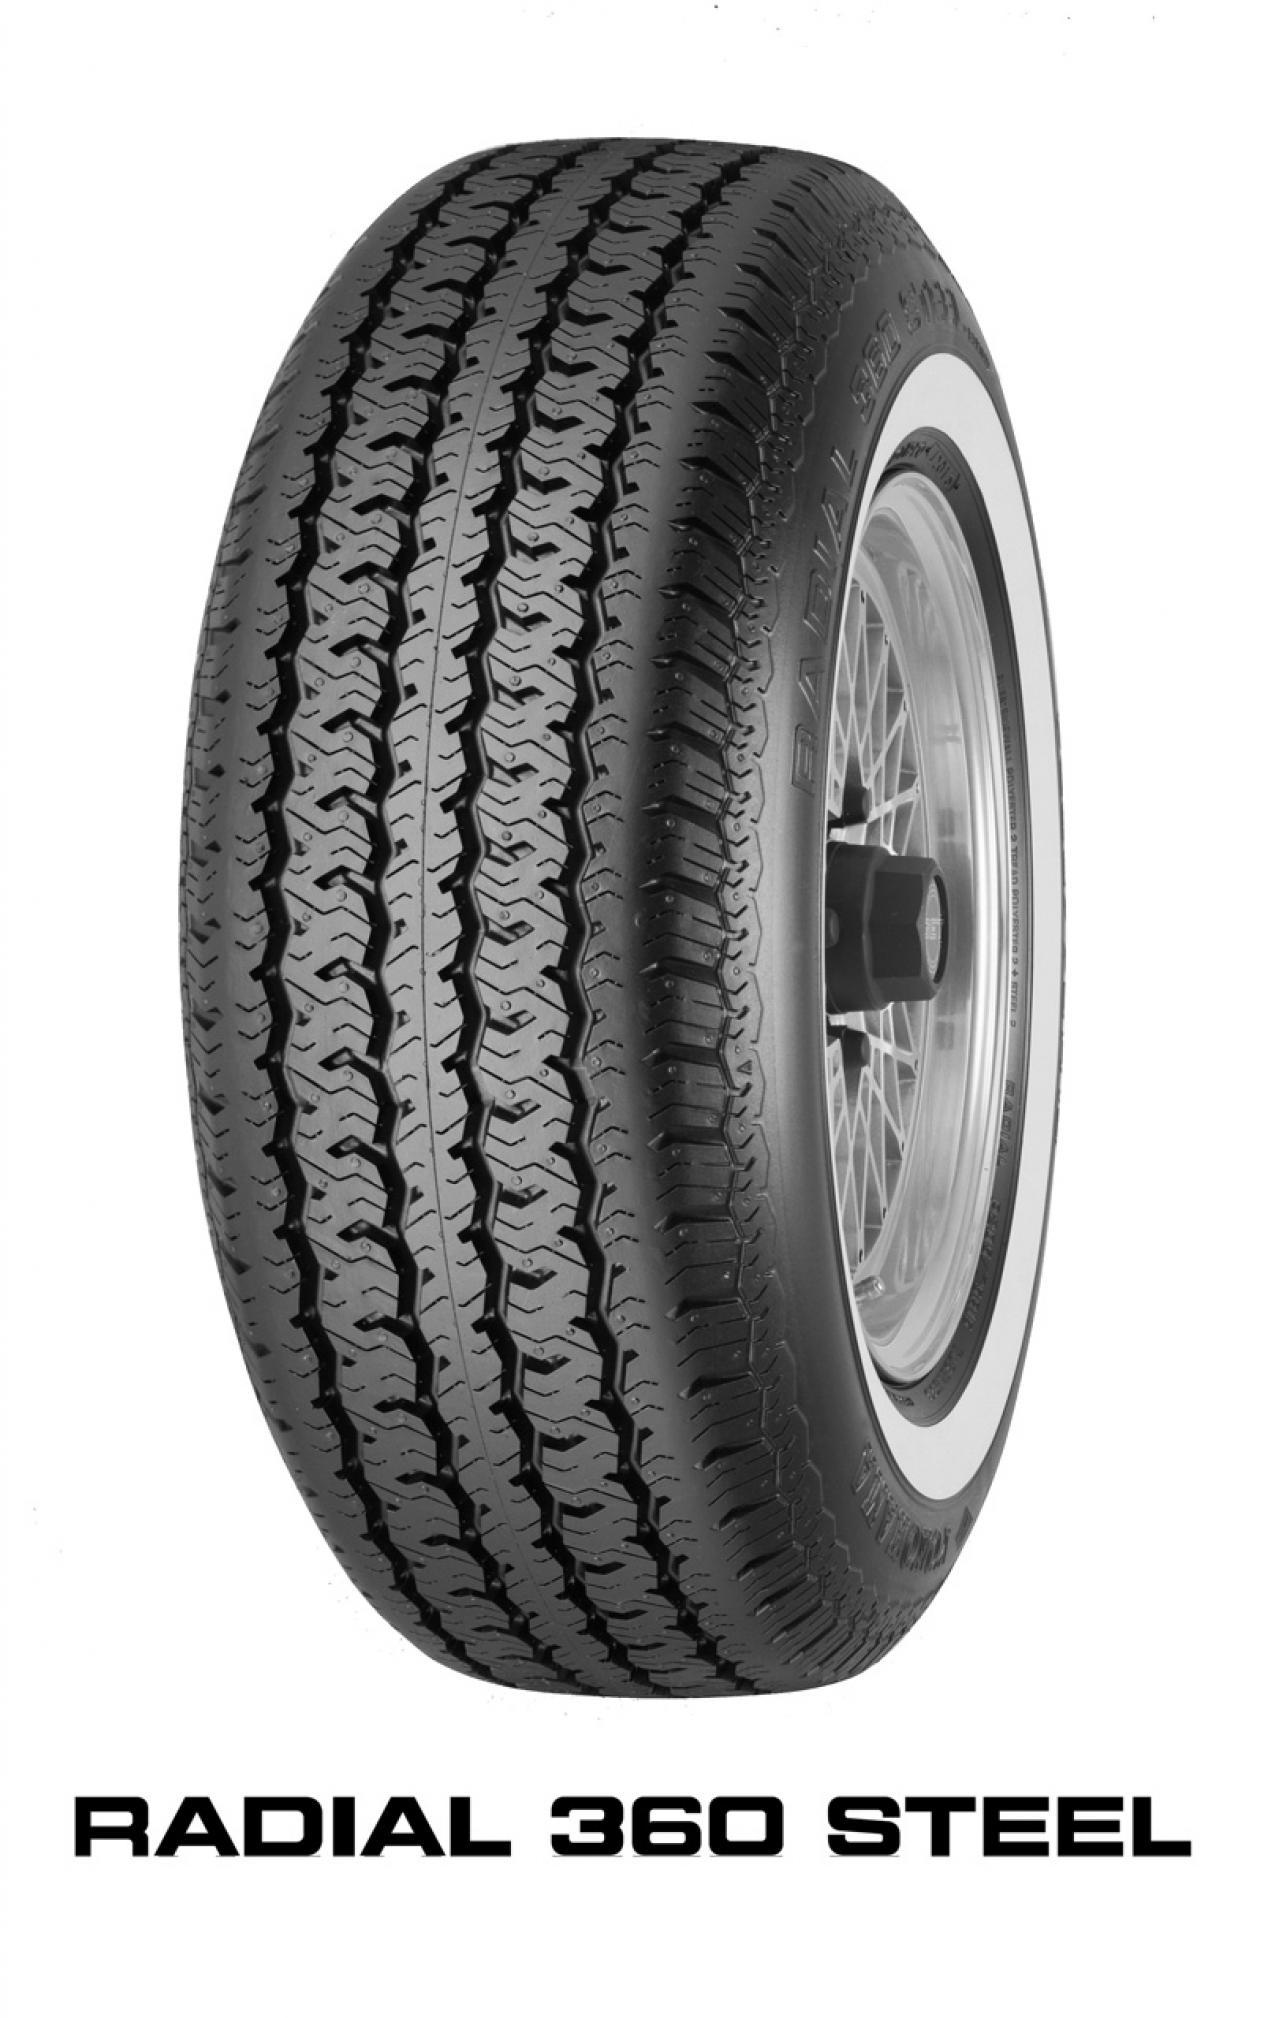 横浜ゴムがヒストリックカー向けのホワイトリボンタイヤ「RADIAL 360 STEEL」を3月5日に発売! 全4サイズをラインナップ